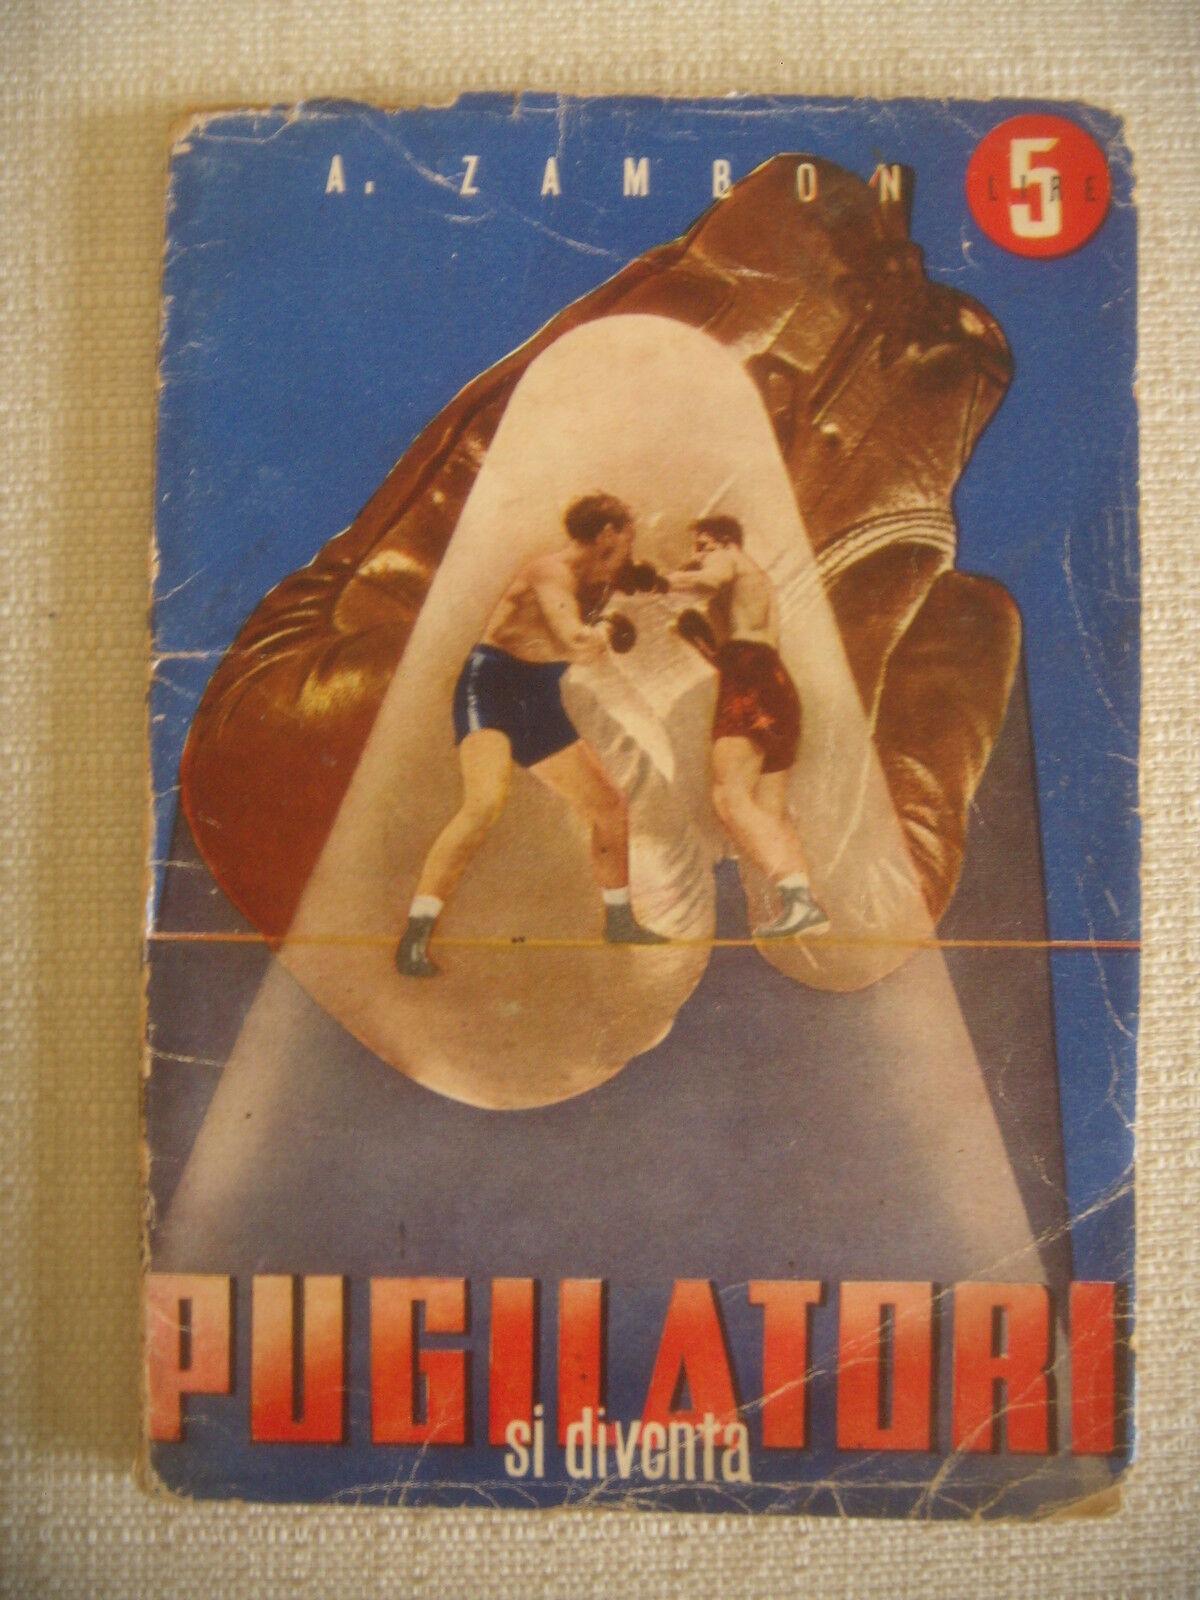 RARISSIMO LIBRO BOXE PUGILATO - PUGILATORI SI DIVENTA - 1943 XXI E.F.  A. ZAMBON